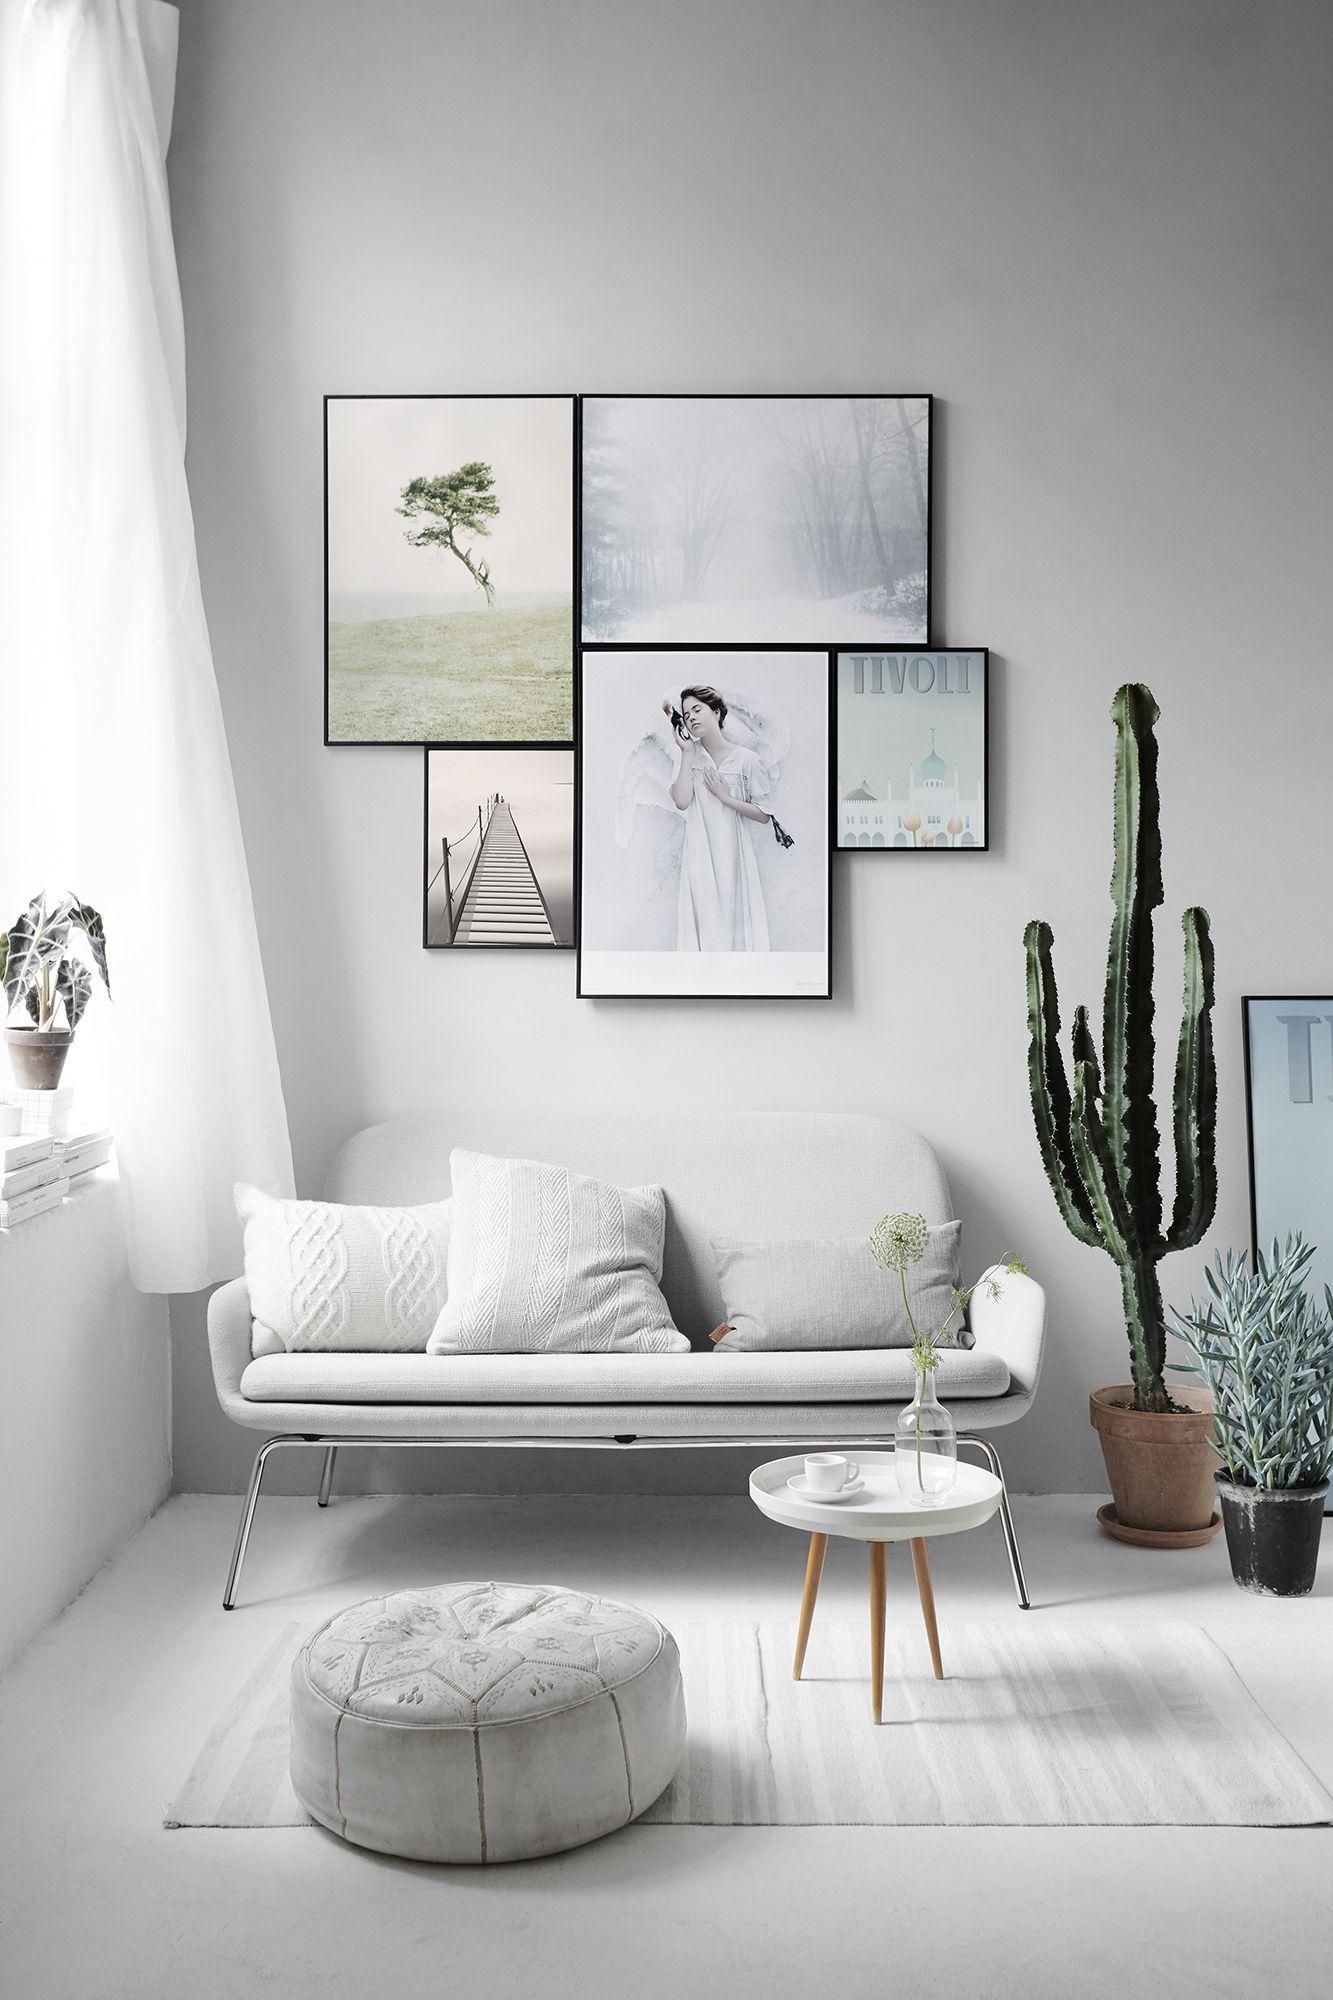 Sala Minimalista Apartamentos Decora Branca